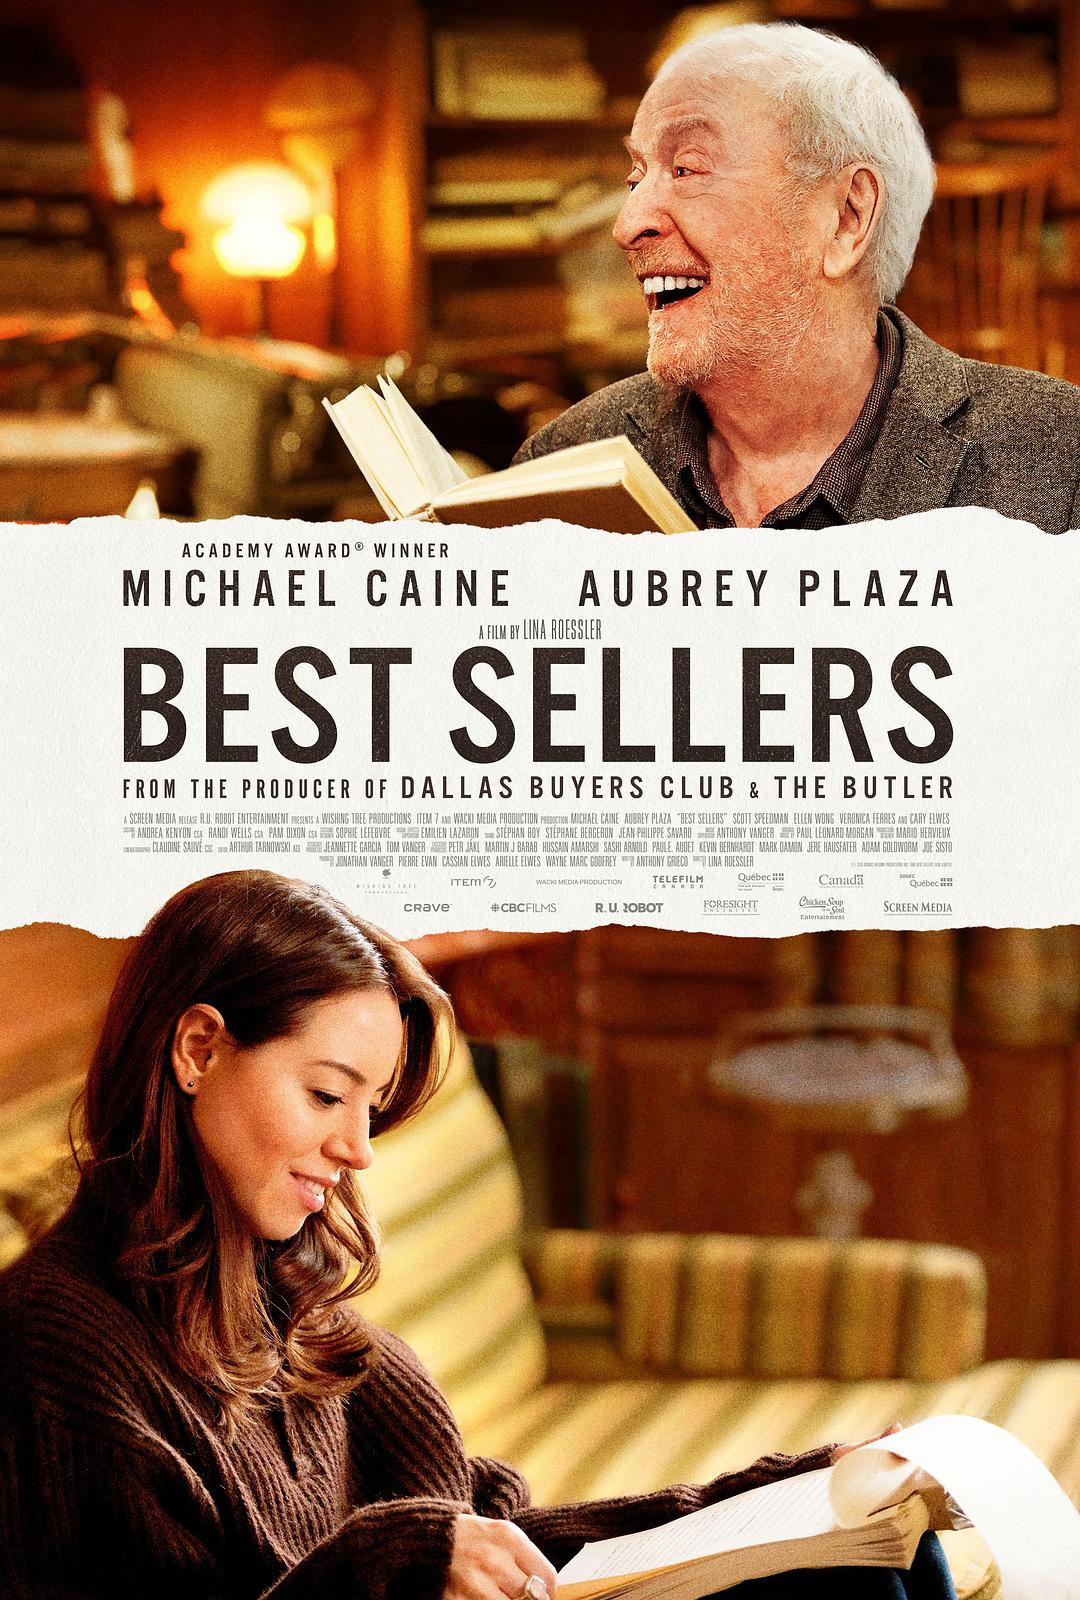 悠悠MP4_MP4电影下载_最佳销售员 Best.Sellers.2021.1080p.WEBRip.x264-RARBG 1.94GB